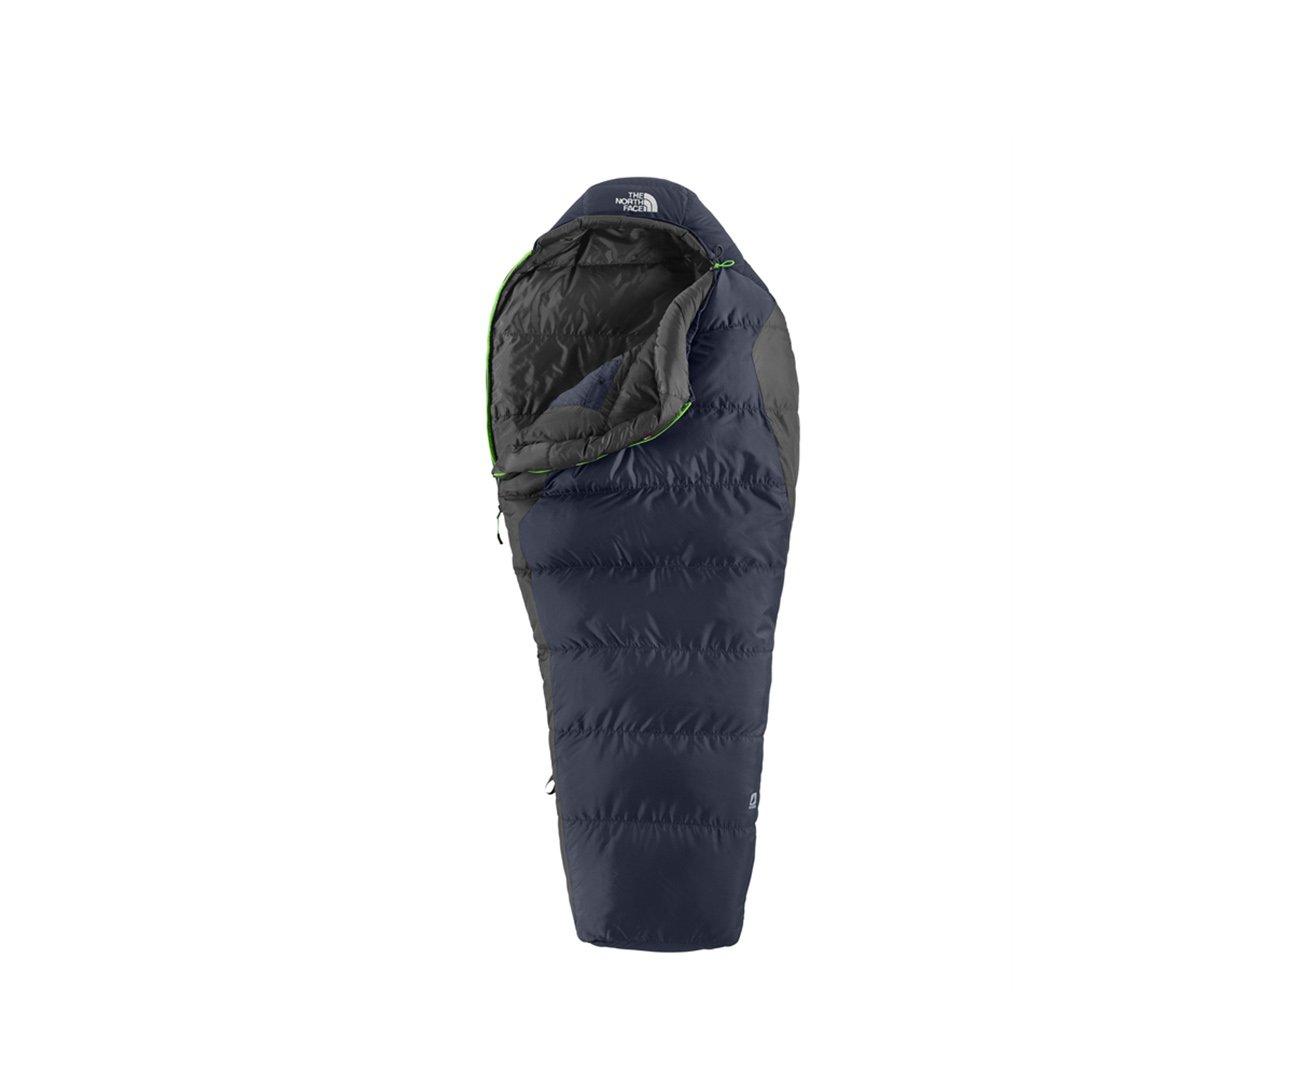 Saco De Dormir Aleutian 3s Down Azul Escuro/cinza Ziper Lado Direito - The North Face